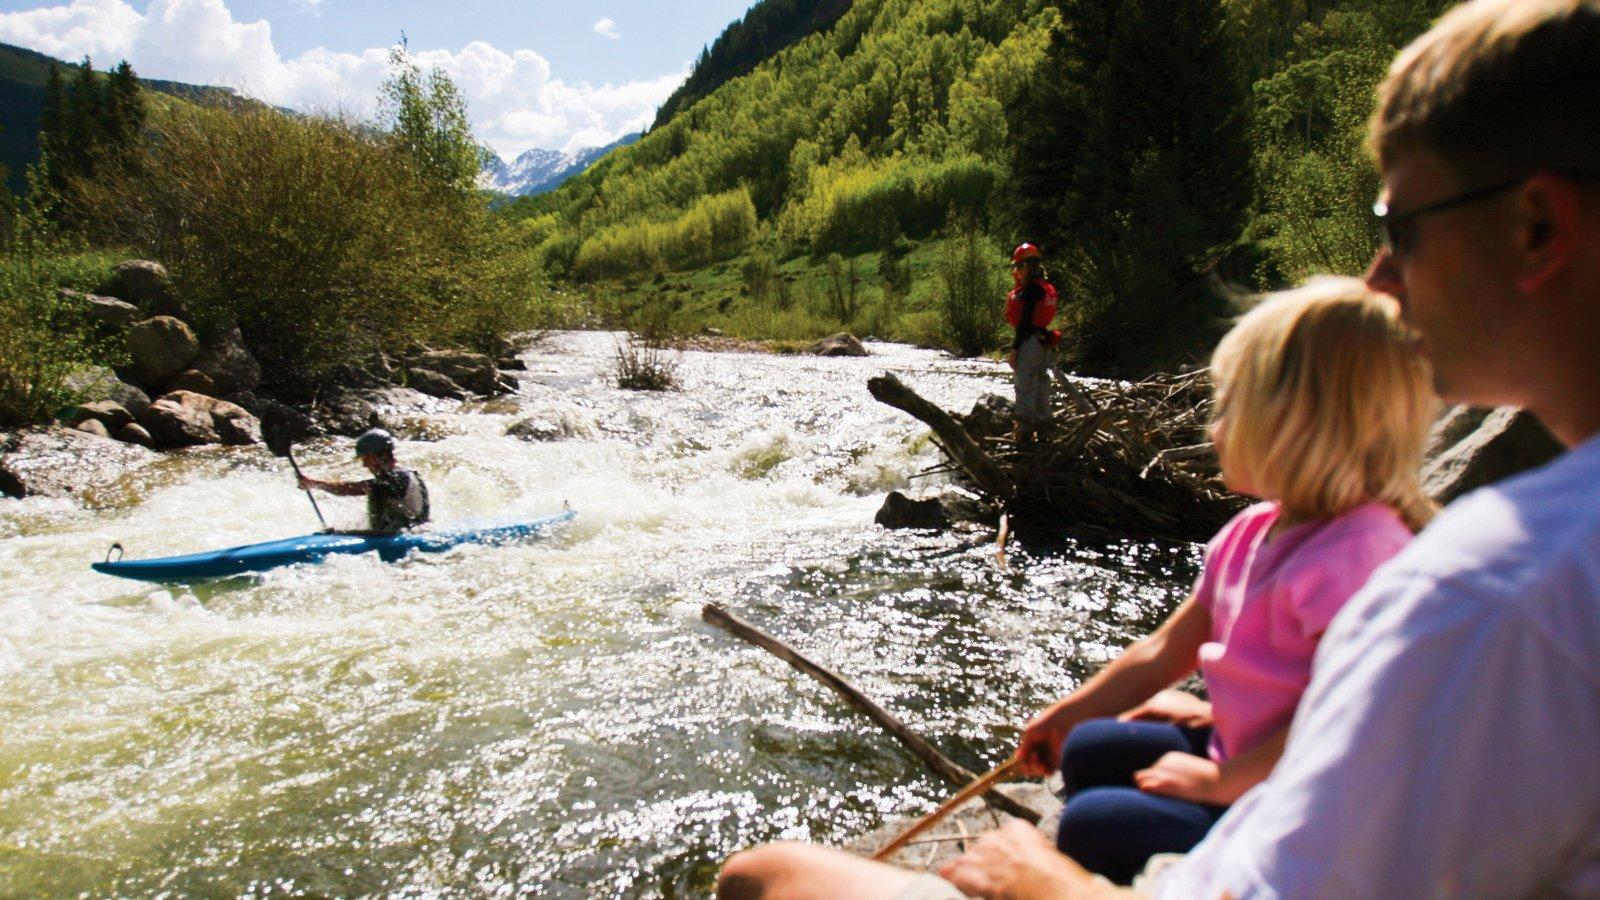 Vail - Beaver Creek que inclui córrego e rafting assim como uma família